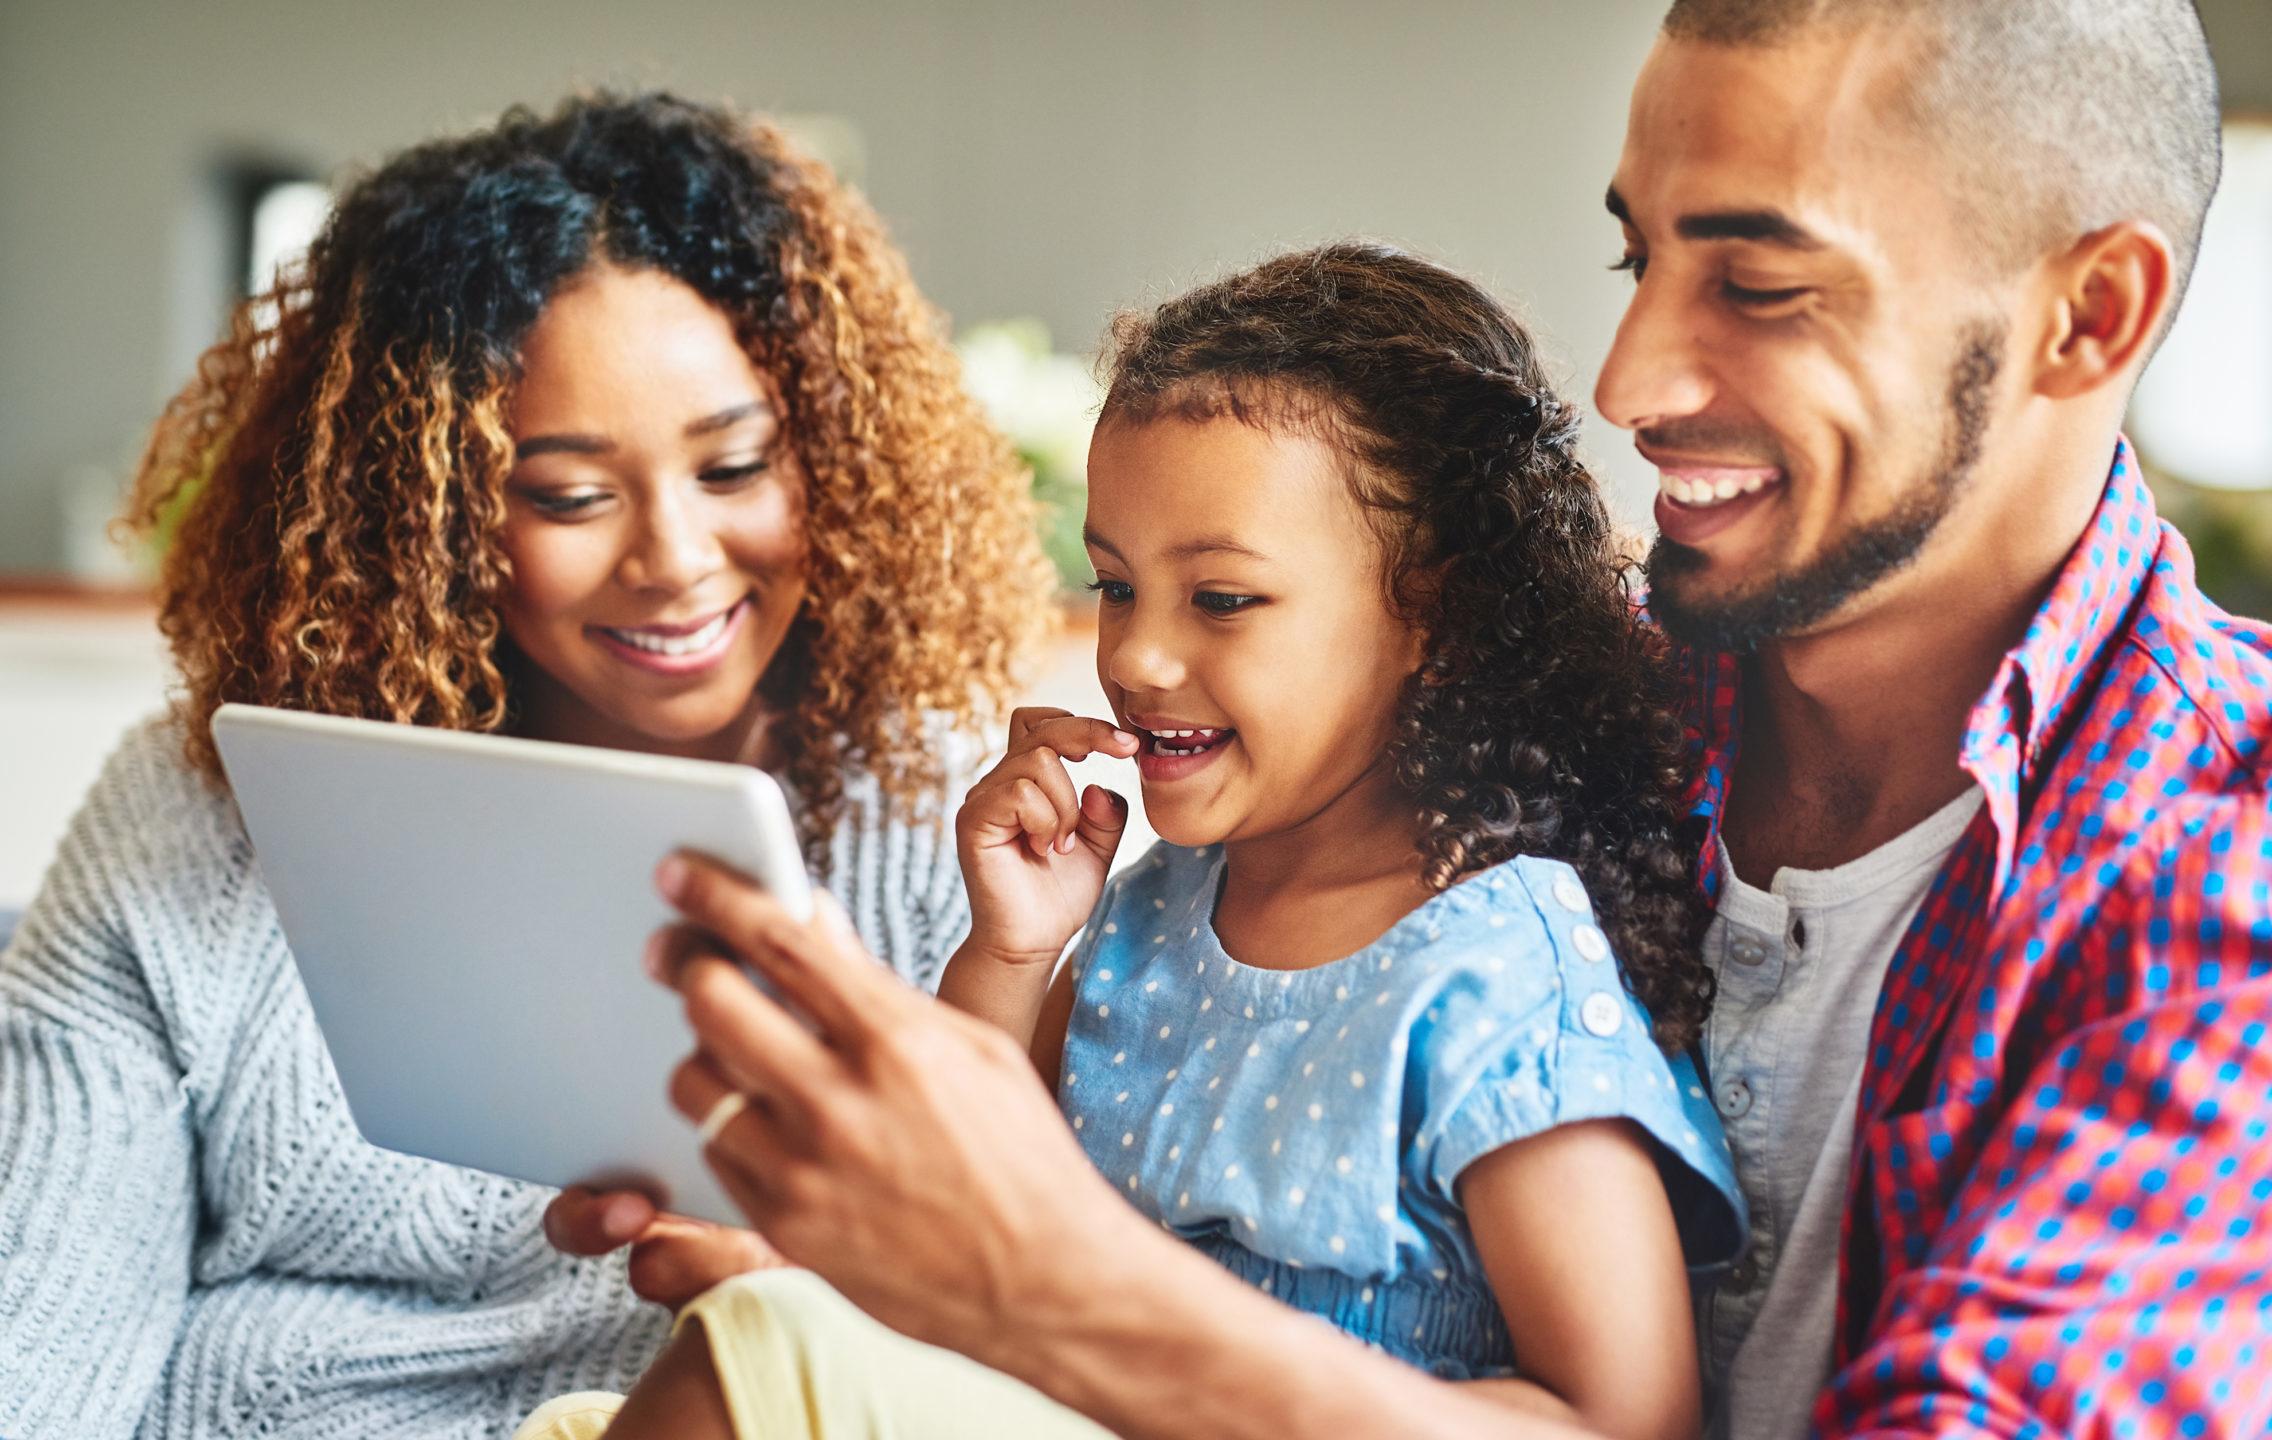 Familia mirando una pantalla